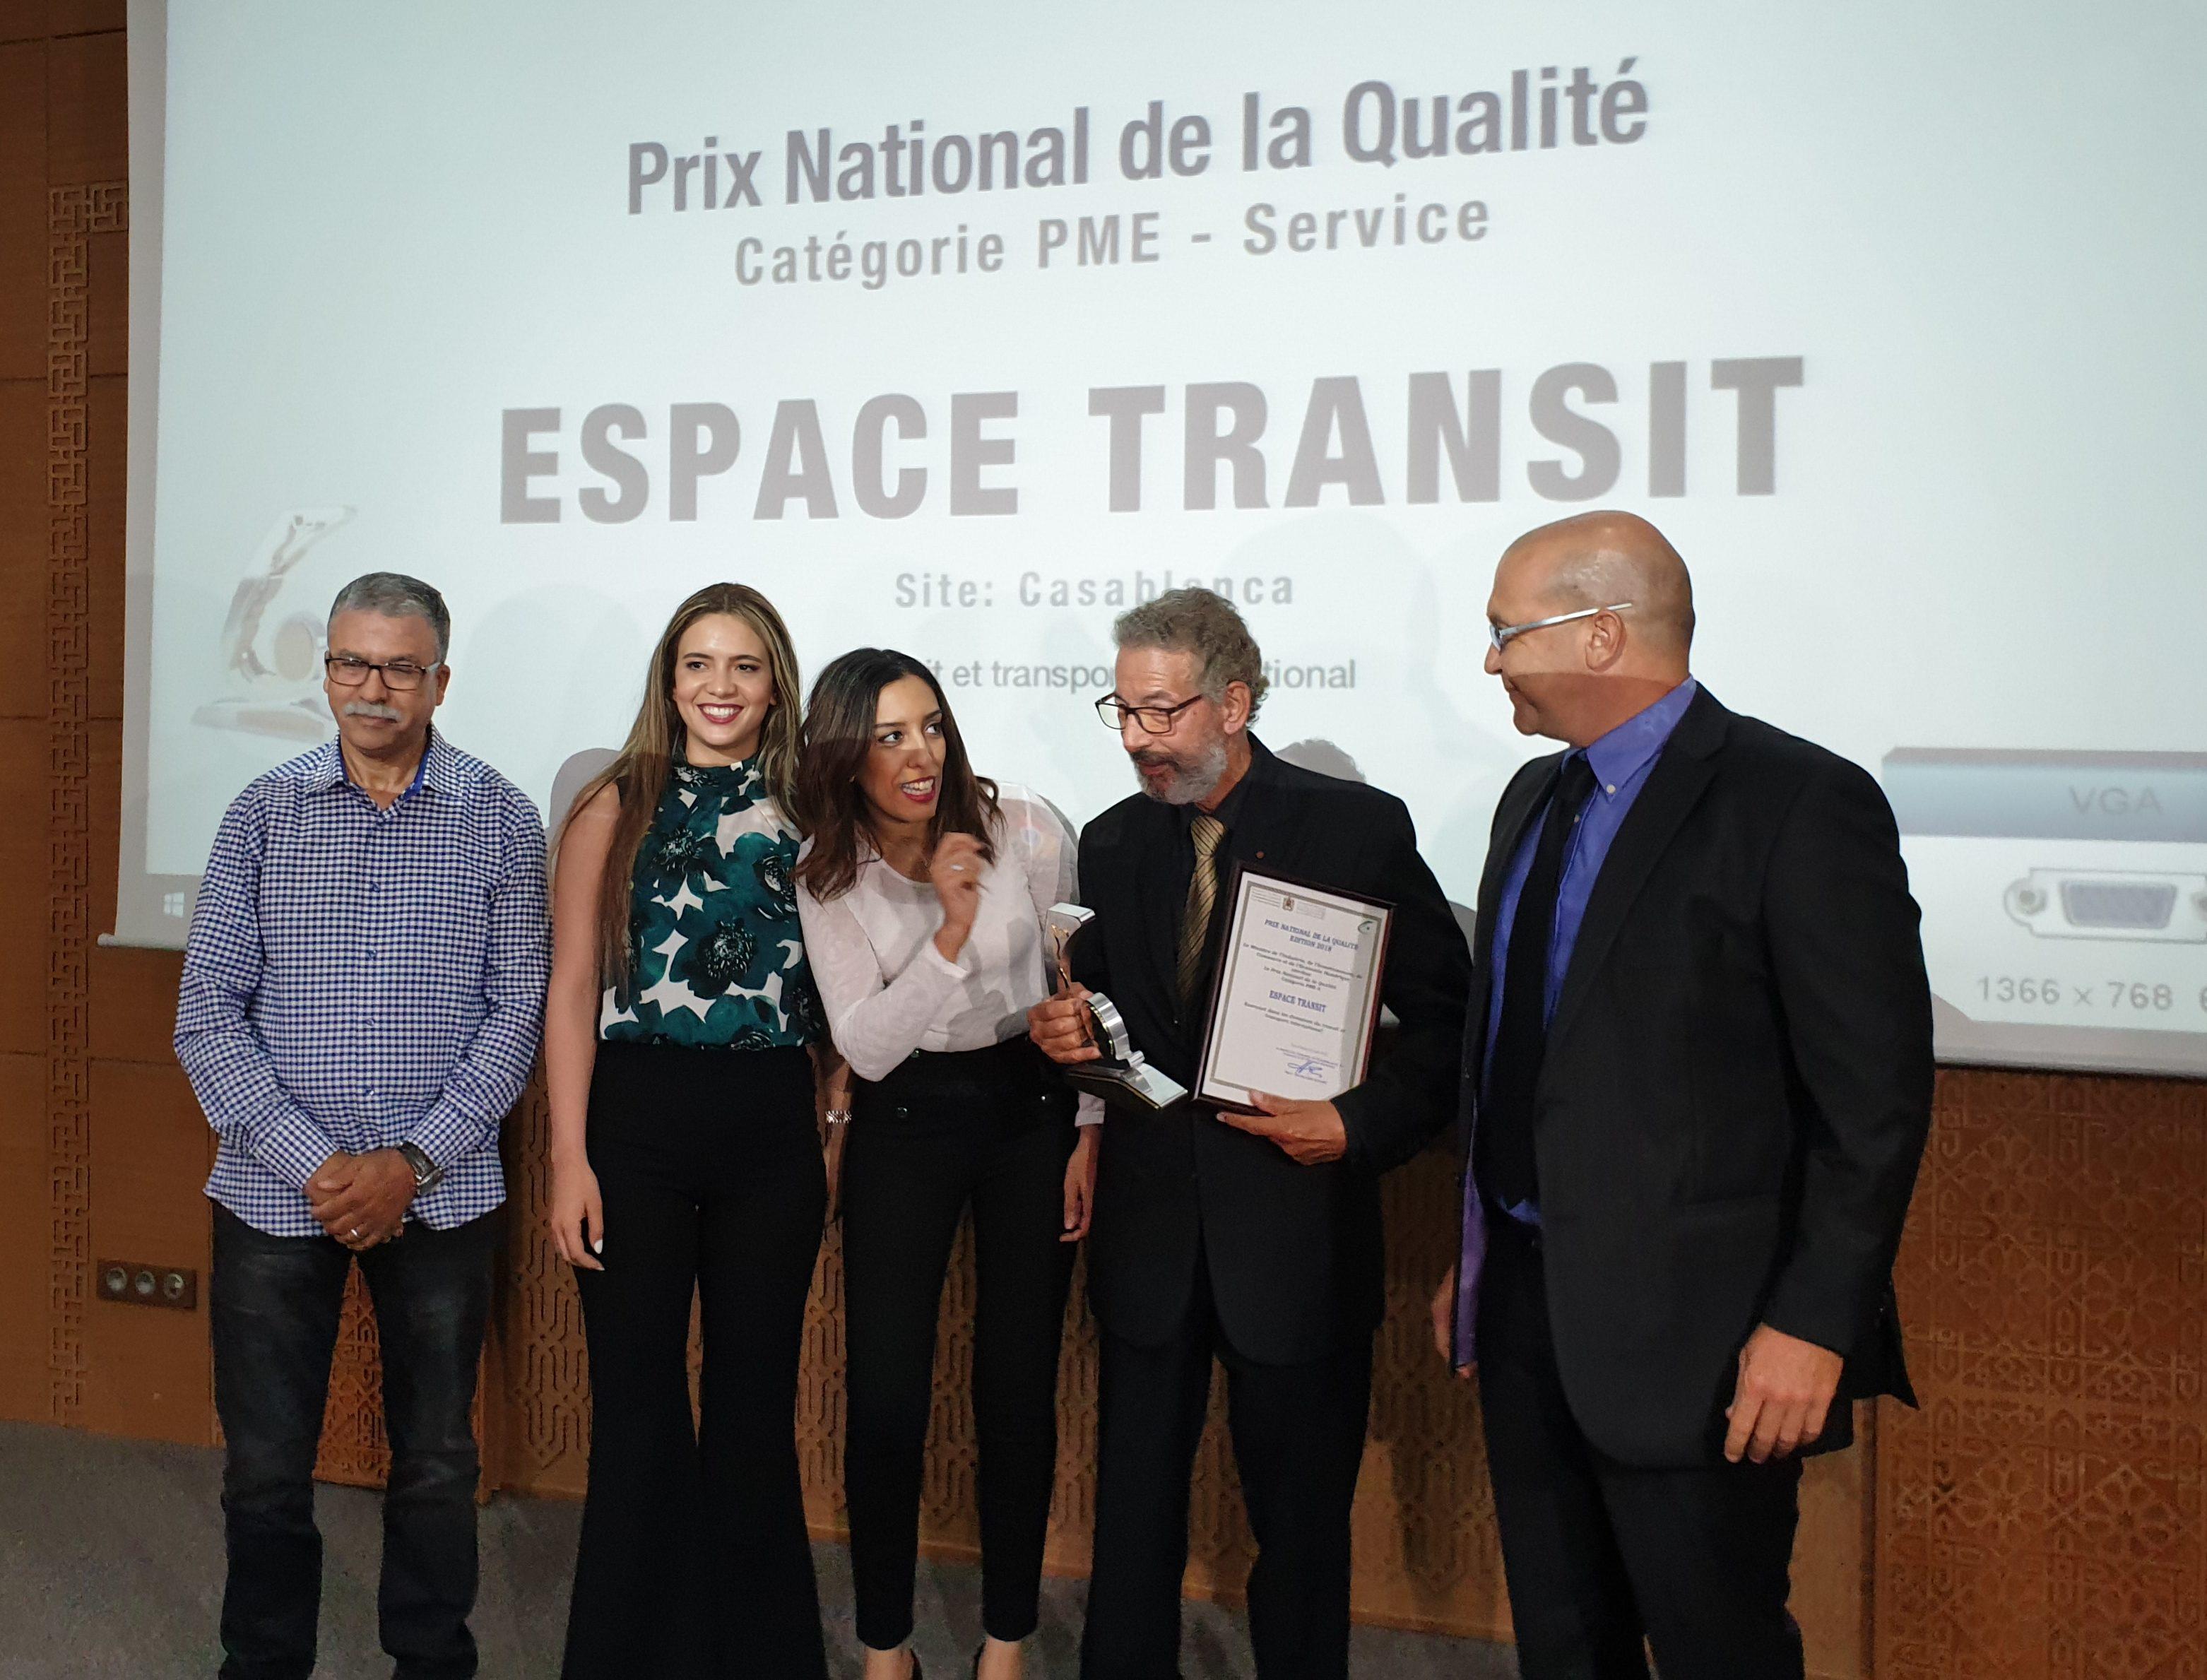 Espace Transit